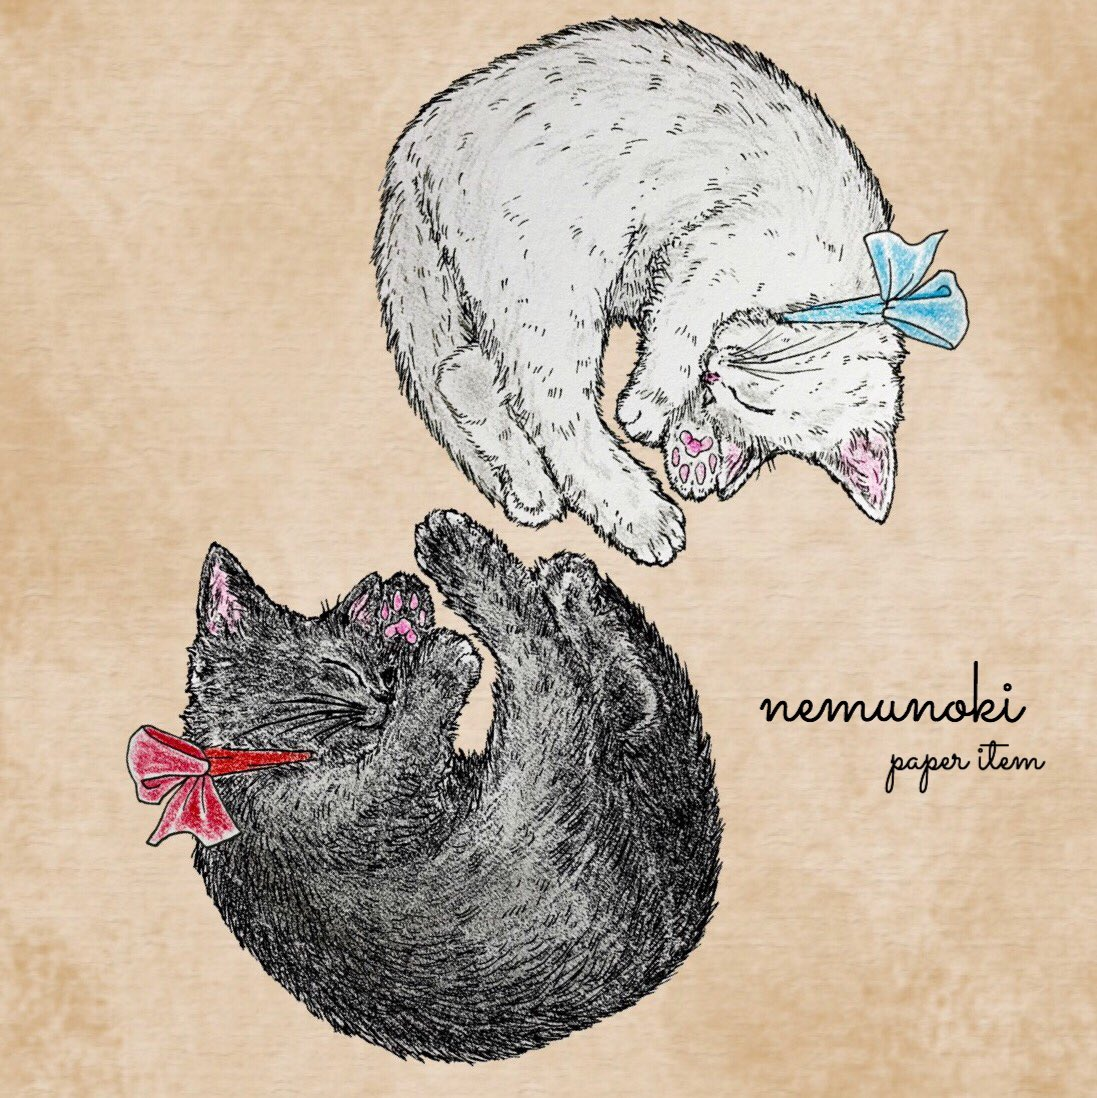 #一日一作品紹介 白猫ちゃんと、黒猫ちゃん。 これから展開予定の新しいキャラクターです。 さて、どんなアイテムにしようかな… パターンにしたらますますかわいい。 https://t.co/kj70Nldh1A